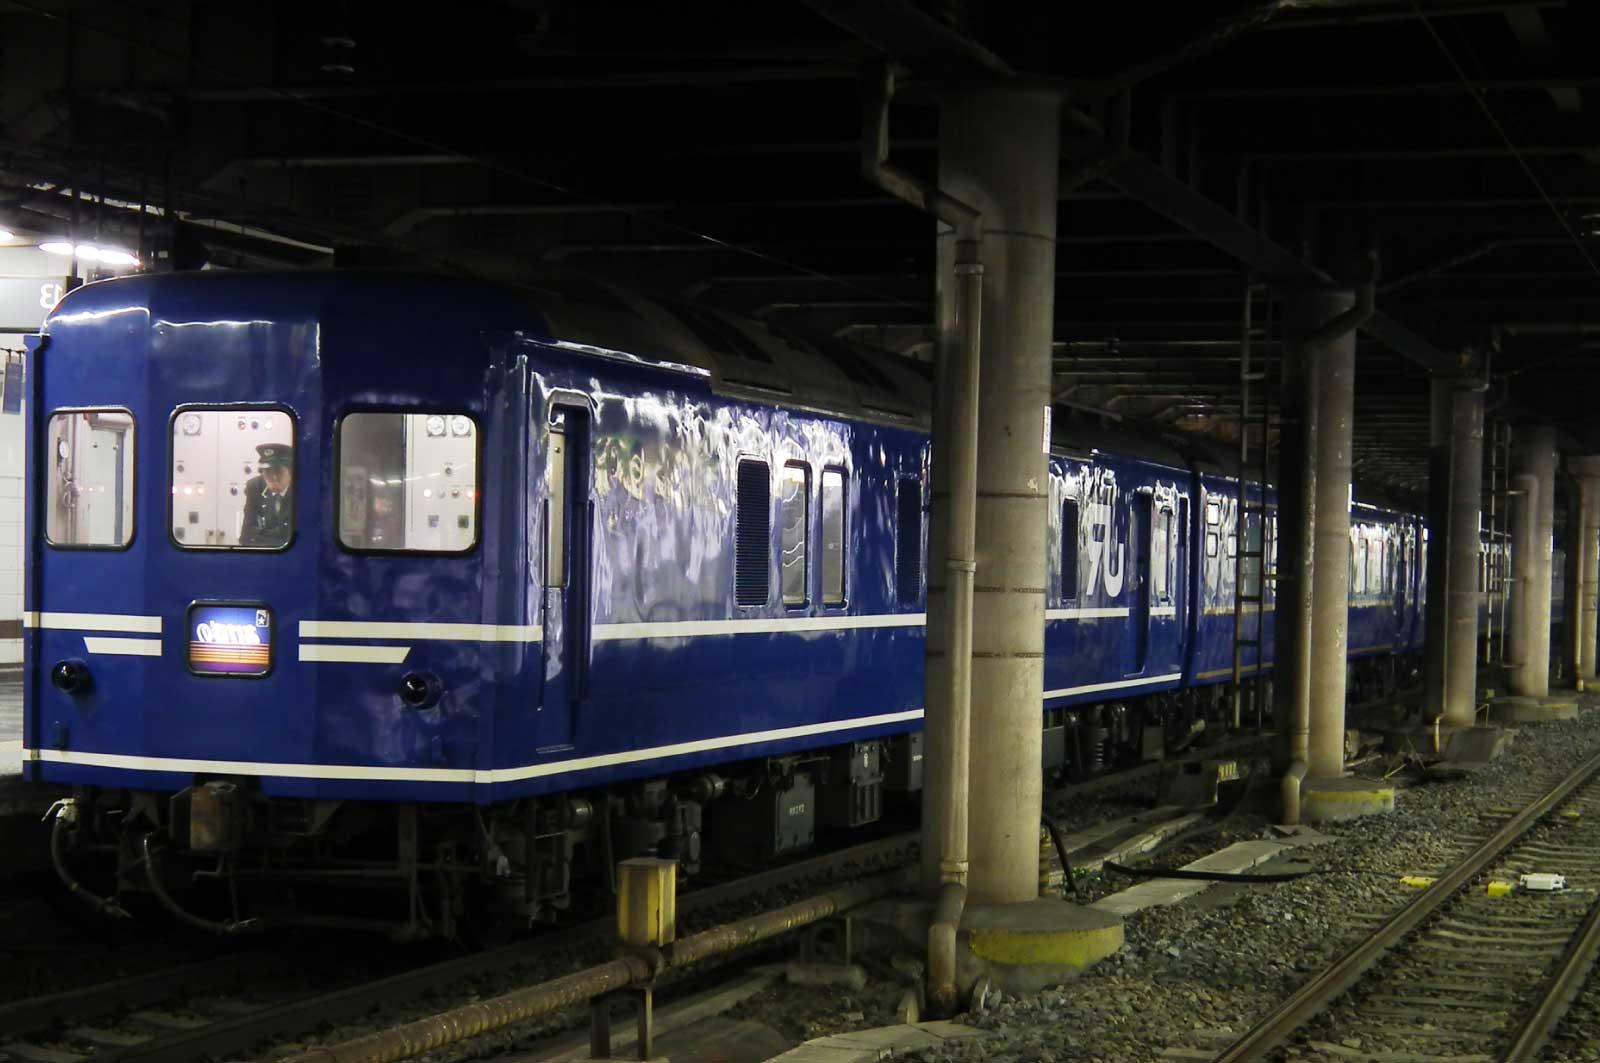 「あけぼの」というのは、JR東日本が運行していた寝台特急列車